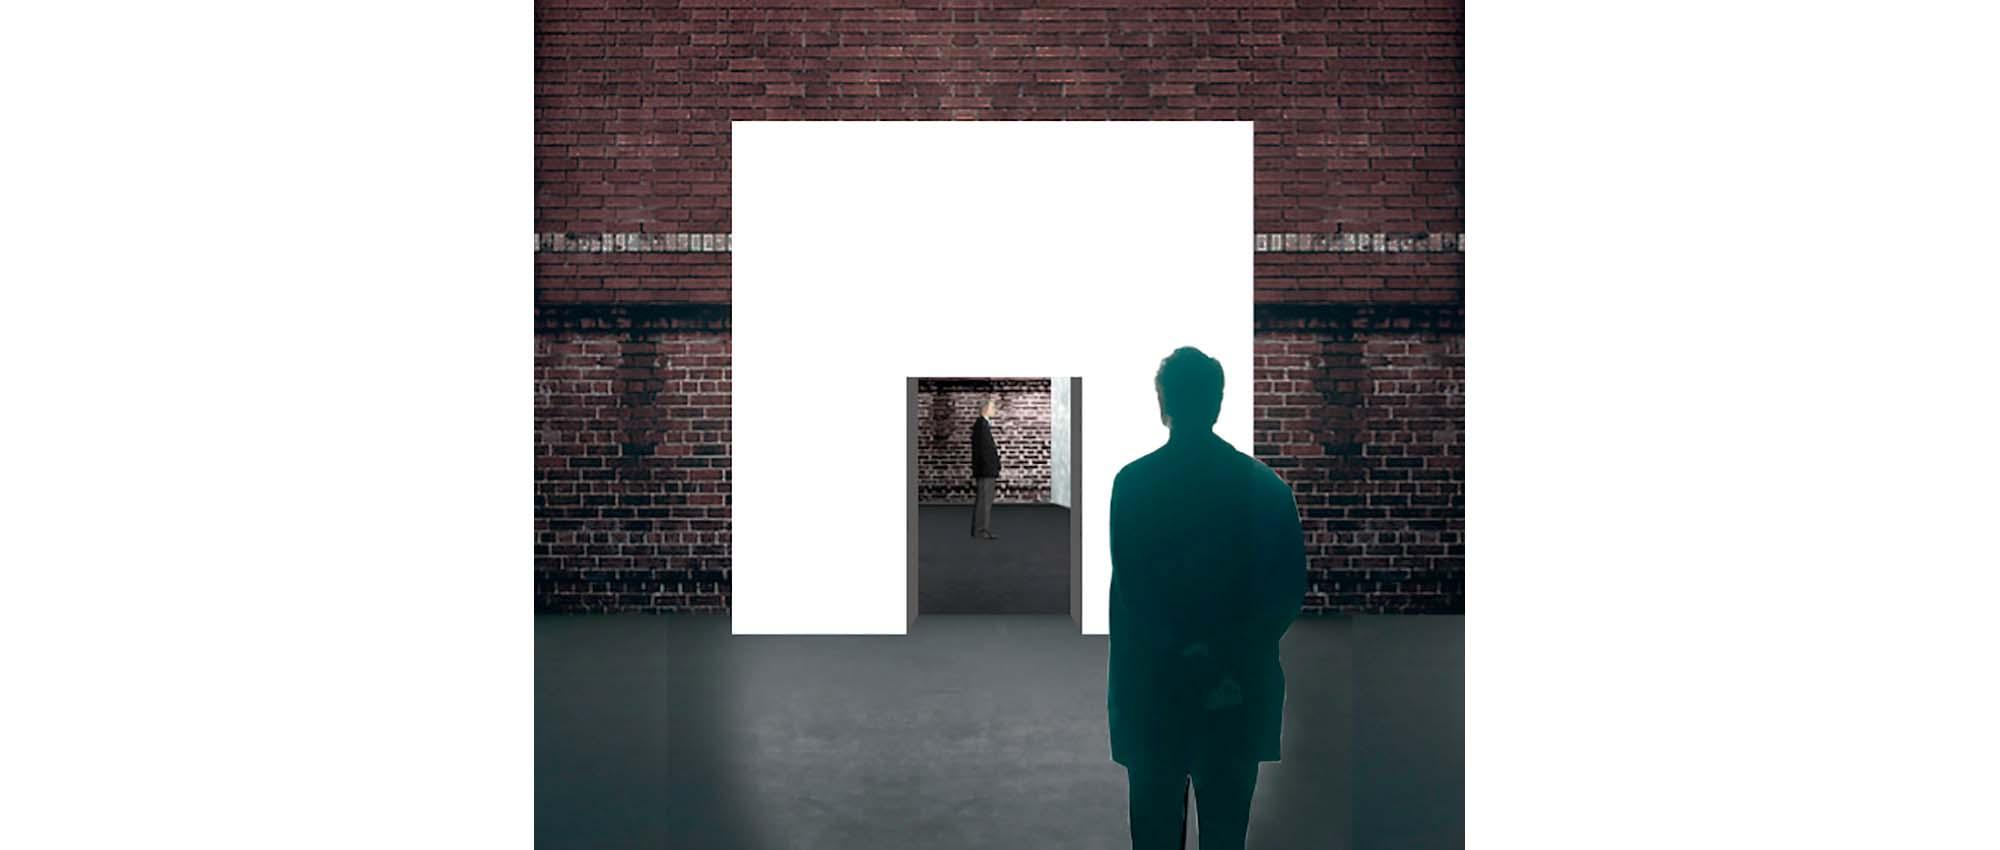 entrada pabellón_interior_final copia.jpg